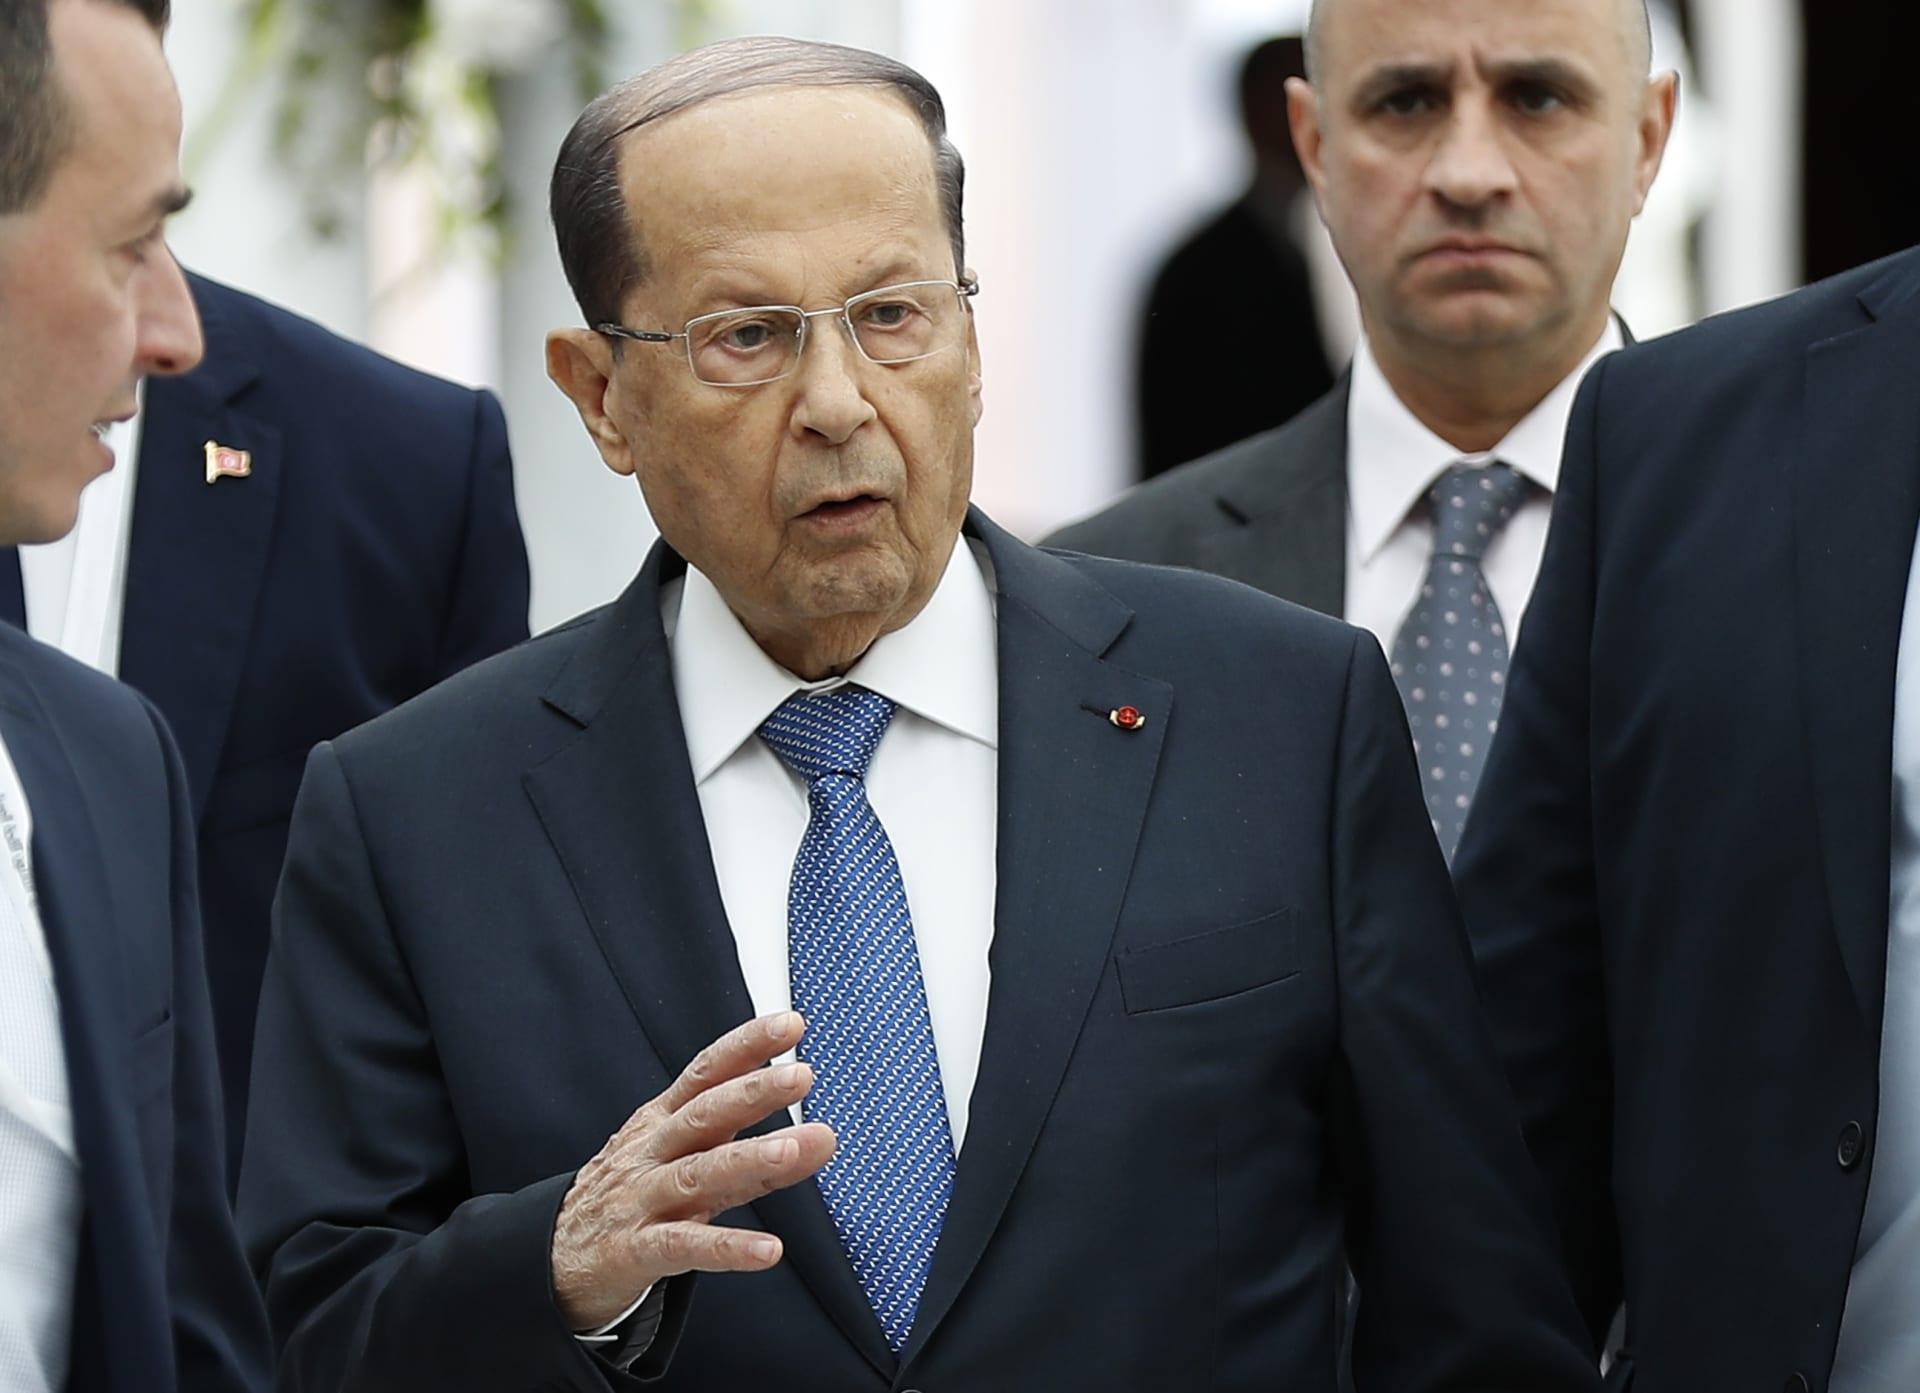 """""""استعمل سيف الشفافية"""".. السفارة الأمريكية تُعلق على ما قاله """"شينكر"""" للرئيس اللبناني"""